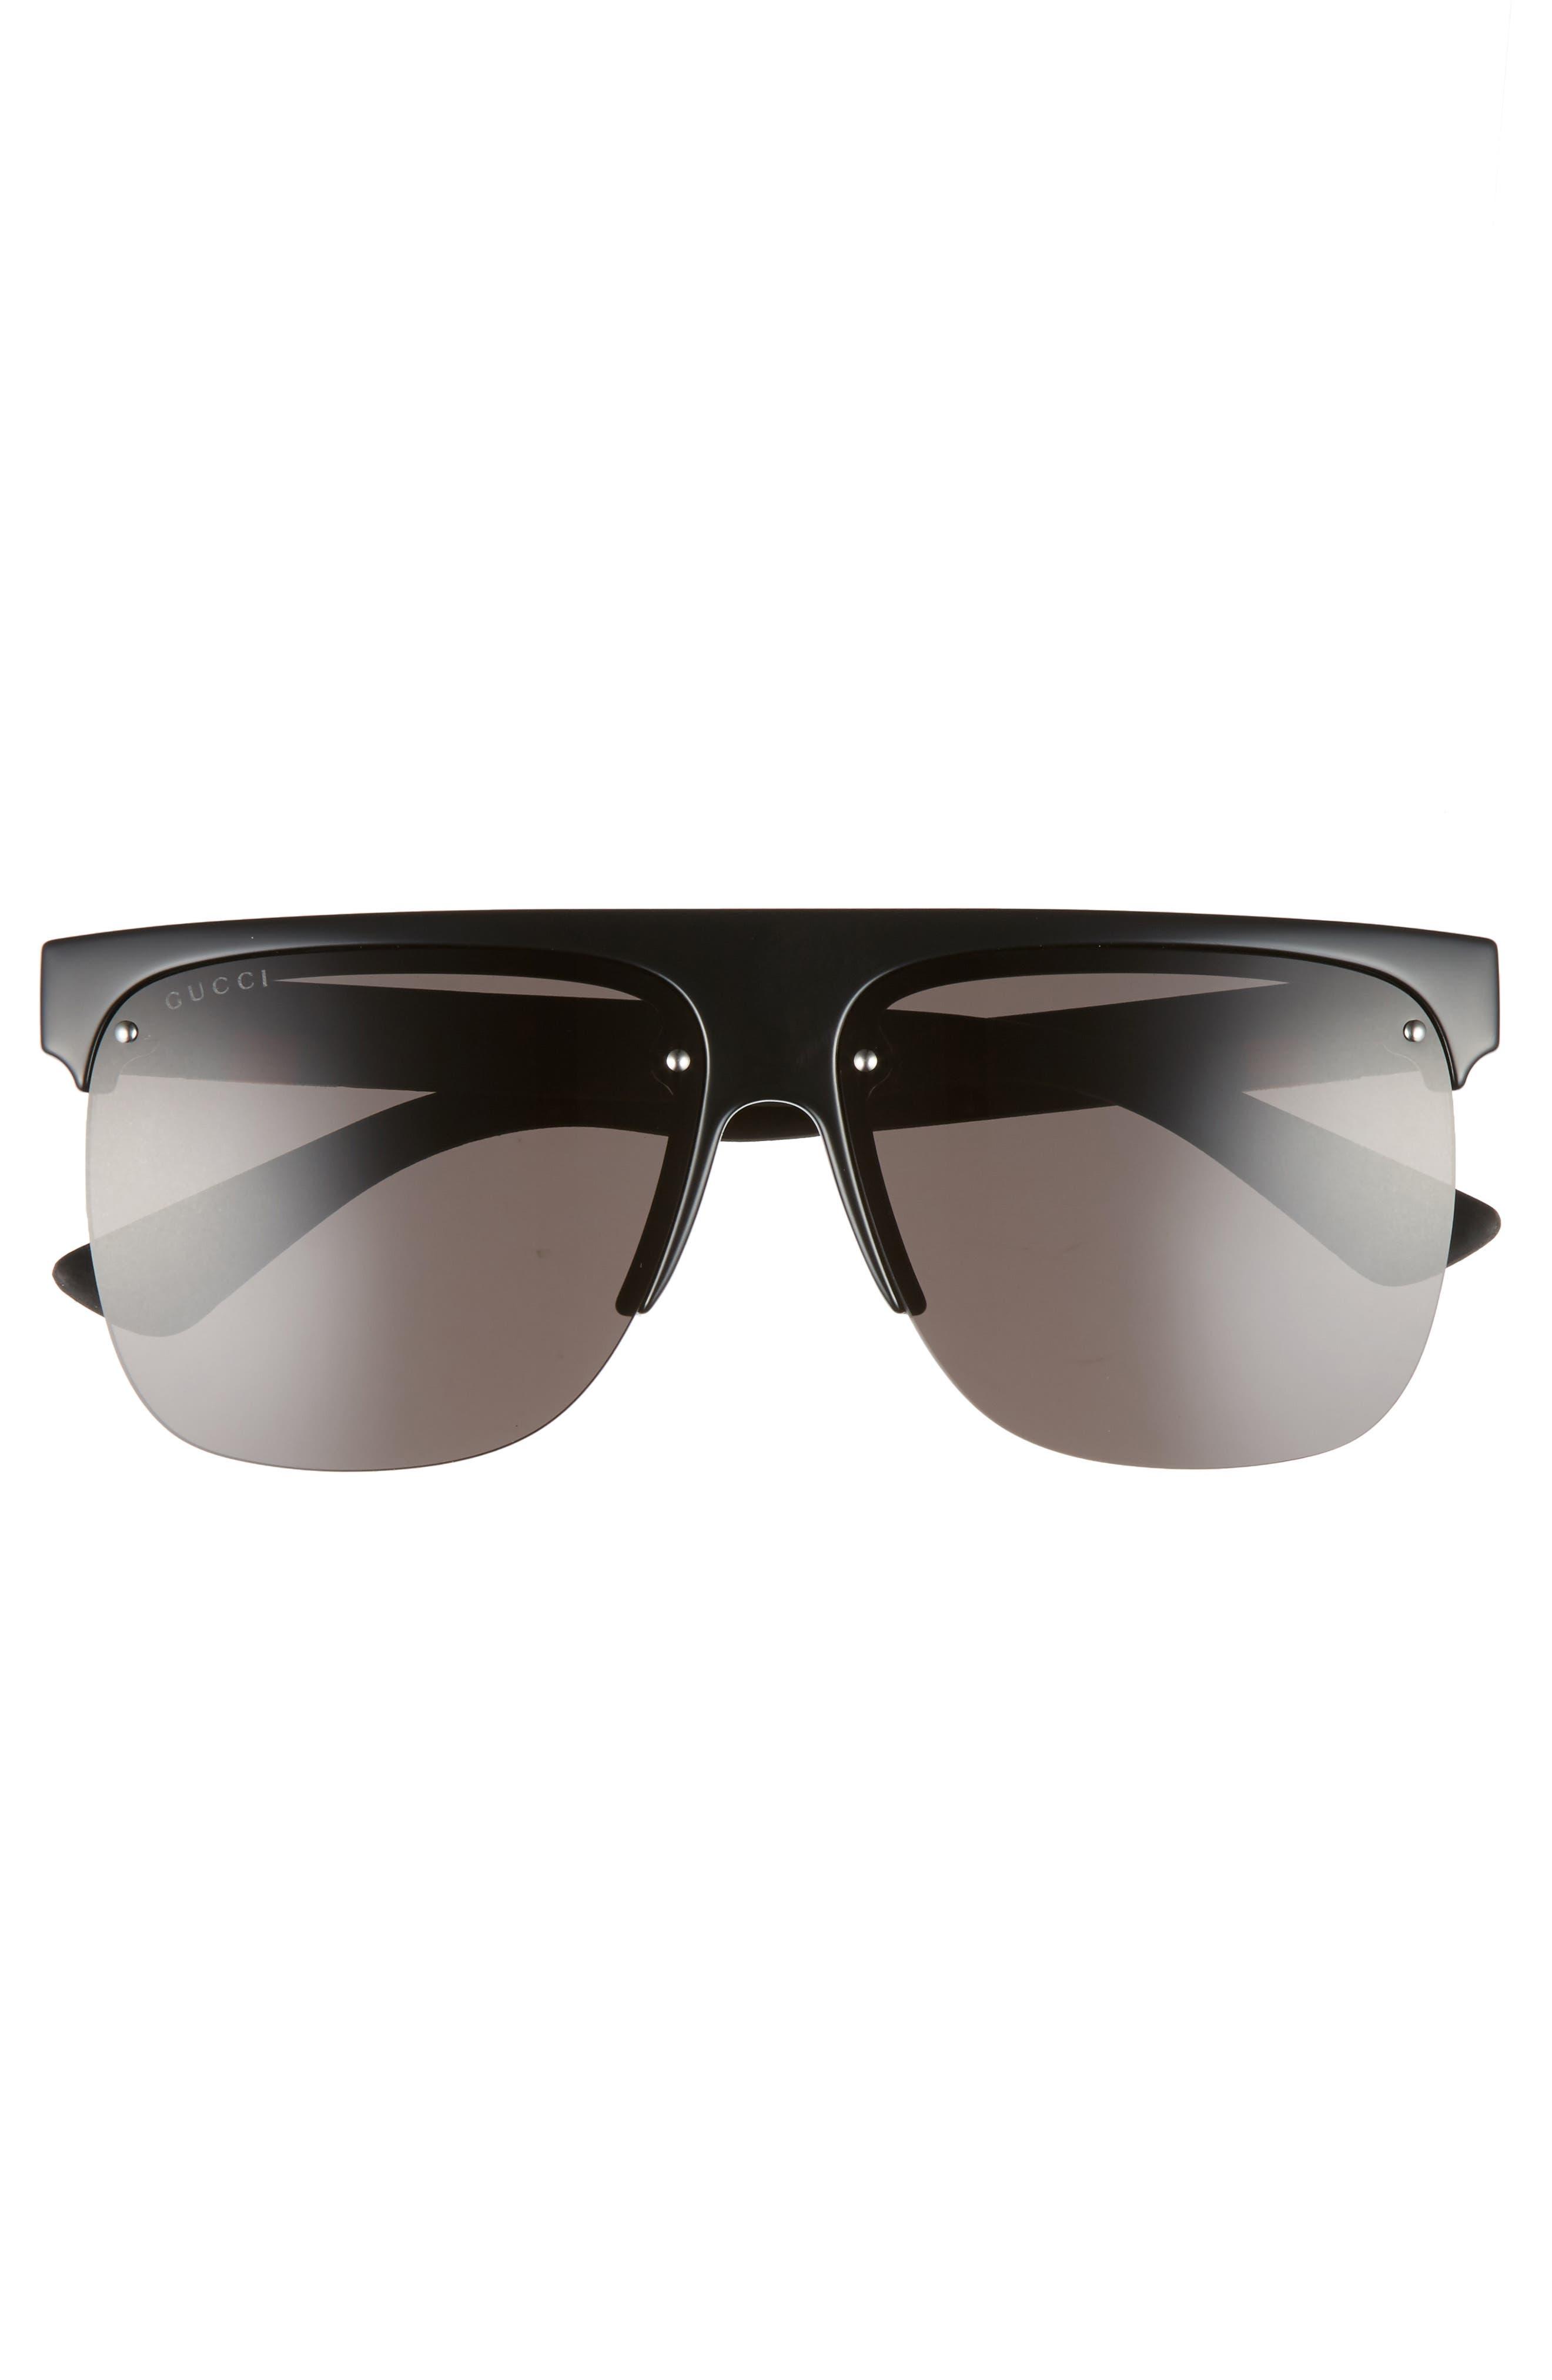 60mm Semi Rimless Polarized Sunglasses,                             Alternate thumbnail 4, color,